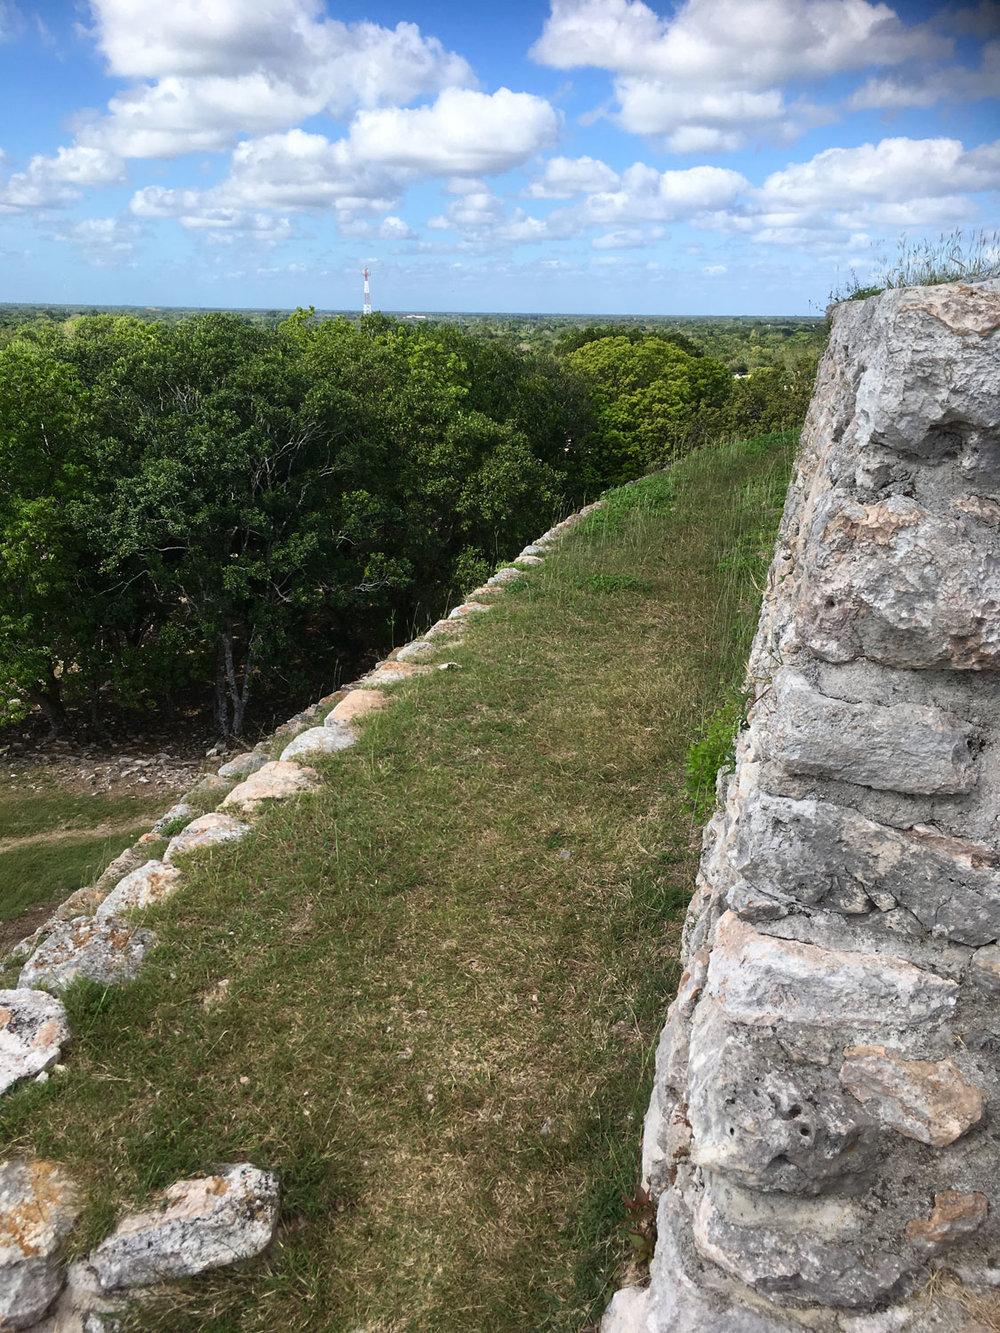 Hammocks_and_Ruins_Blog_Riviera_Maya_Mexico_Travel_Discover_Yucatan_What_to_do_Merida_Izamal_Ruins_55.jpg